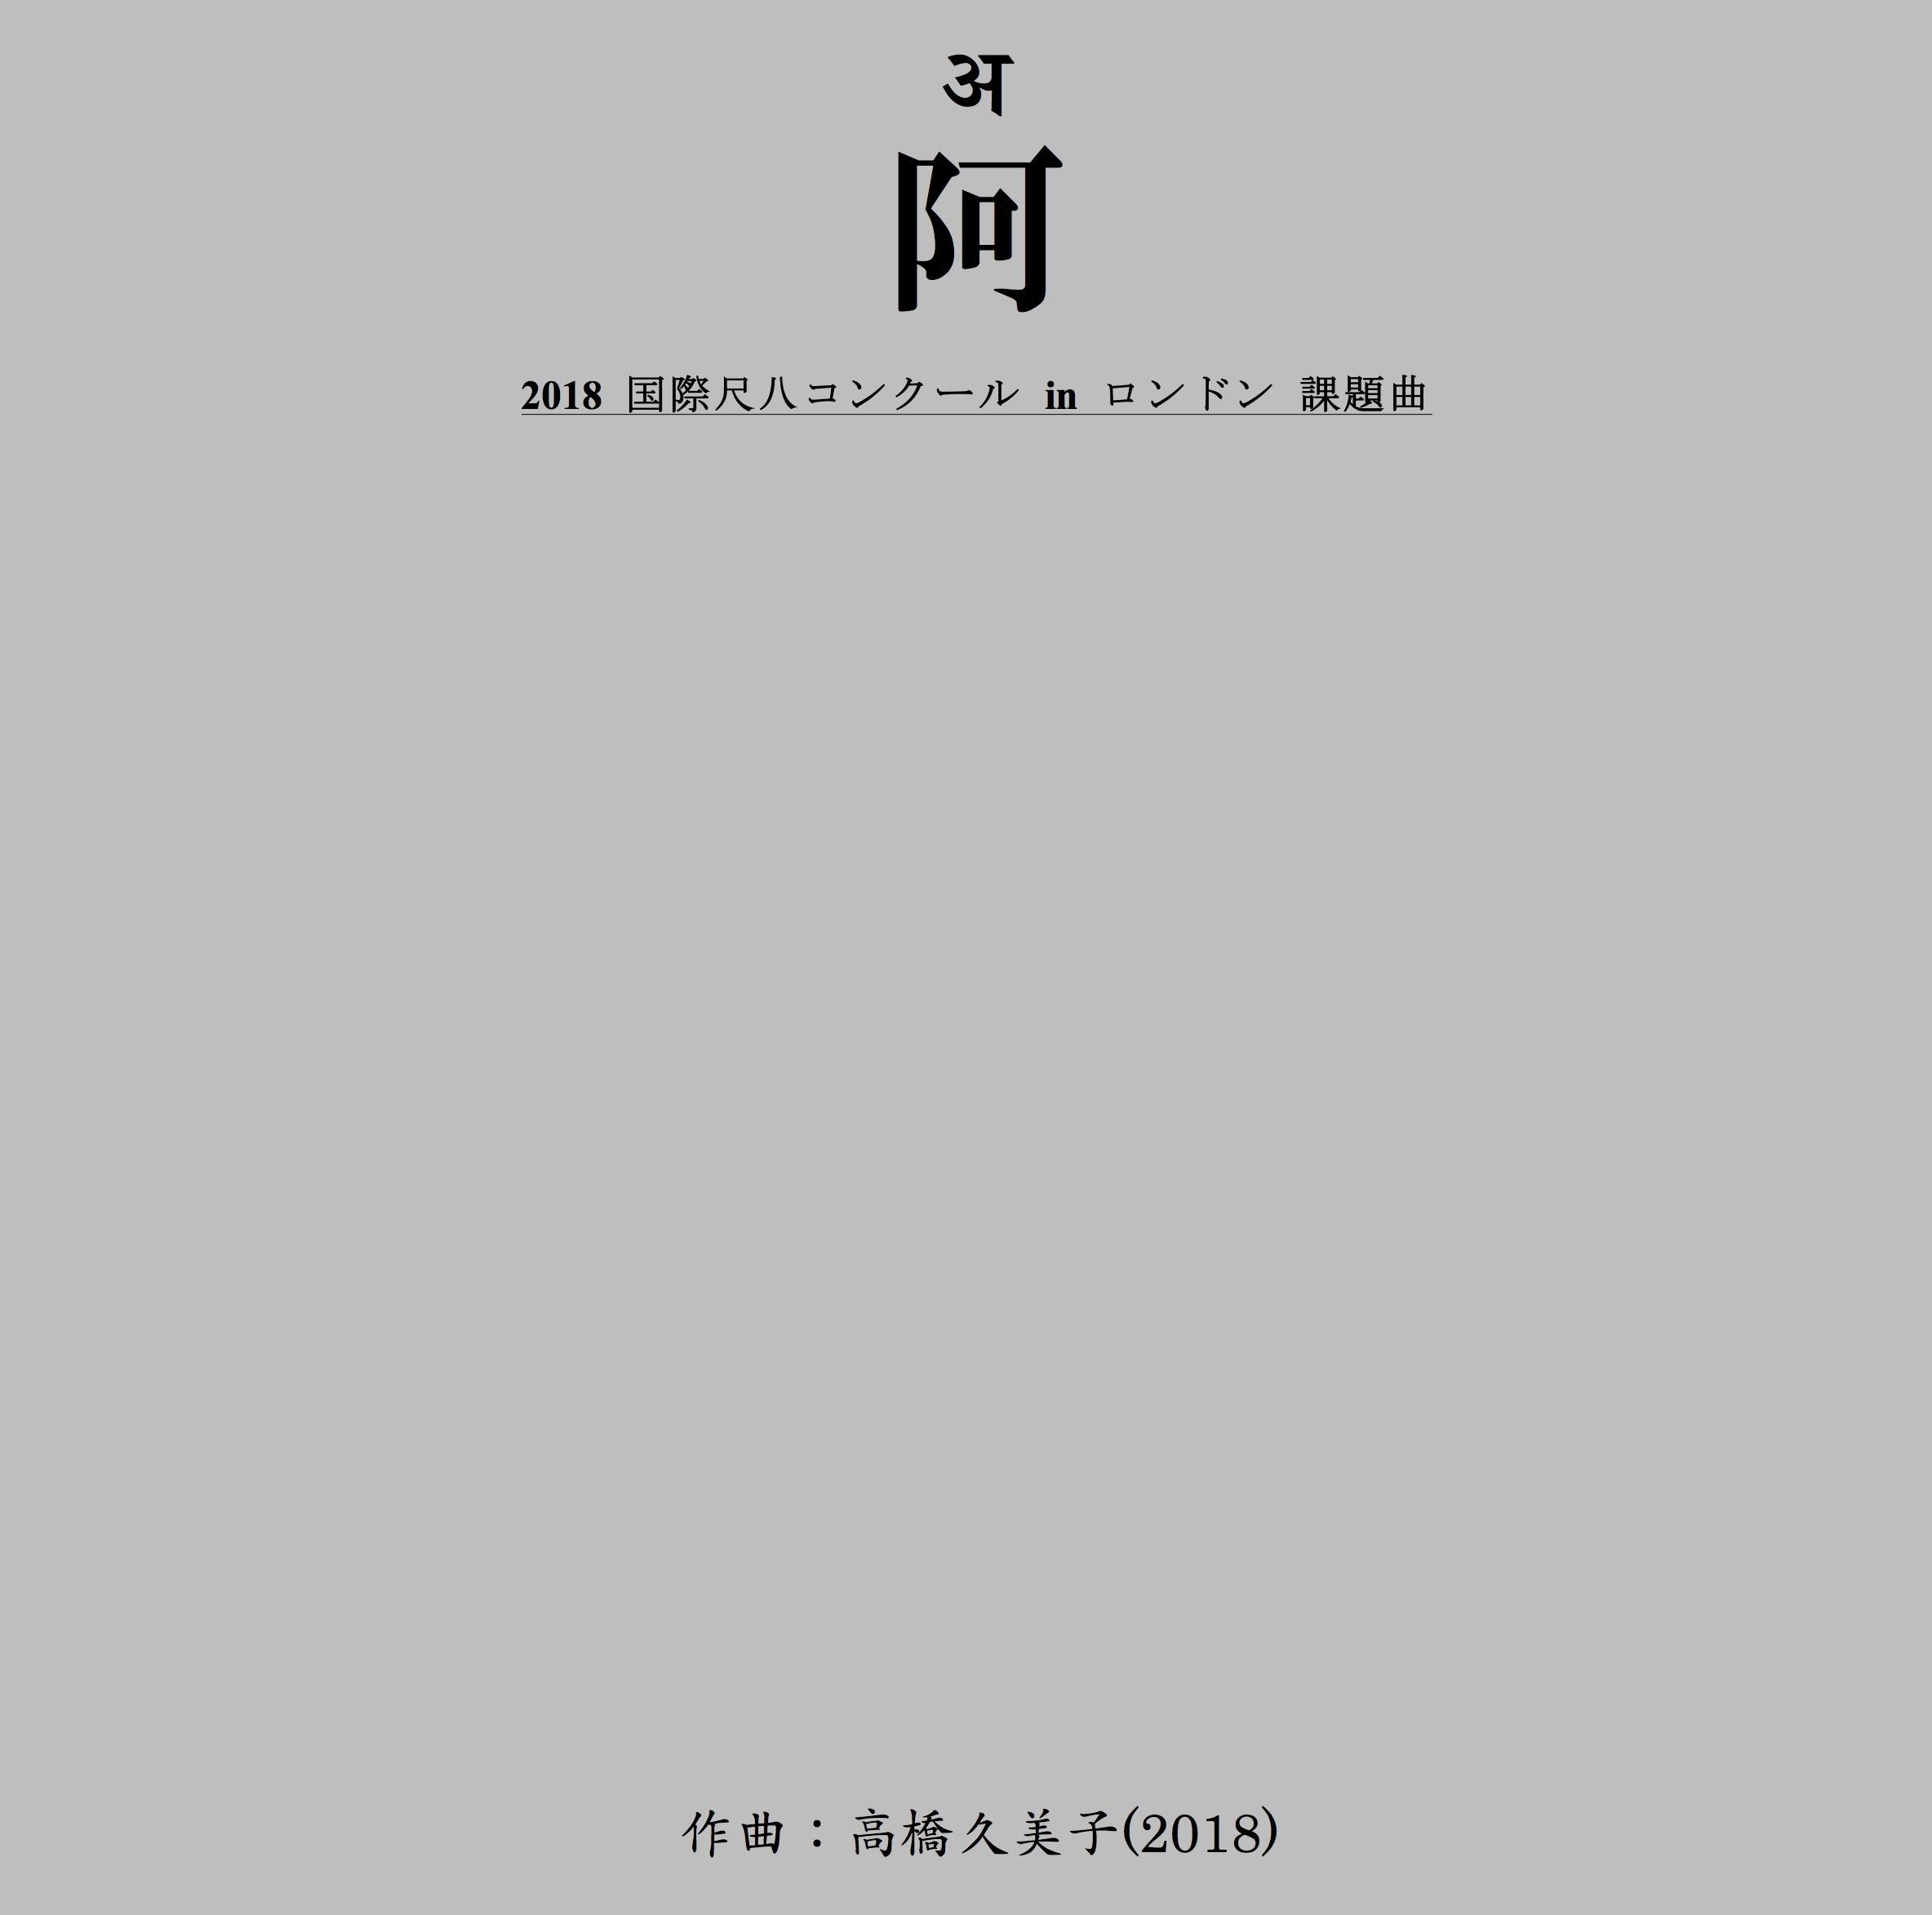 【楽譜】阿/9月25日より発売!(五線譜+琴古系楽譜)A4判